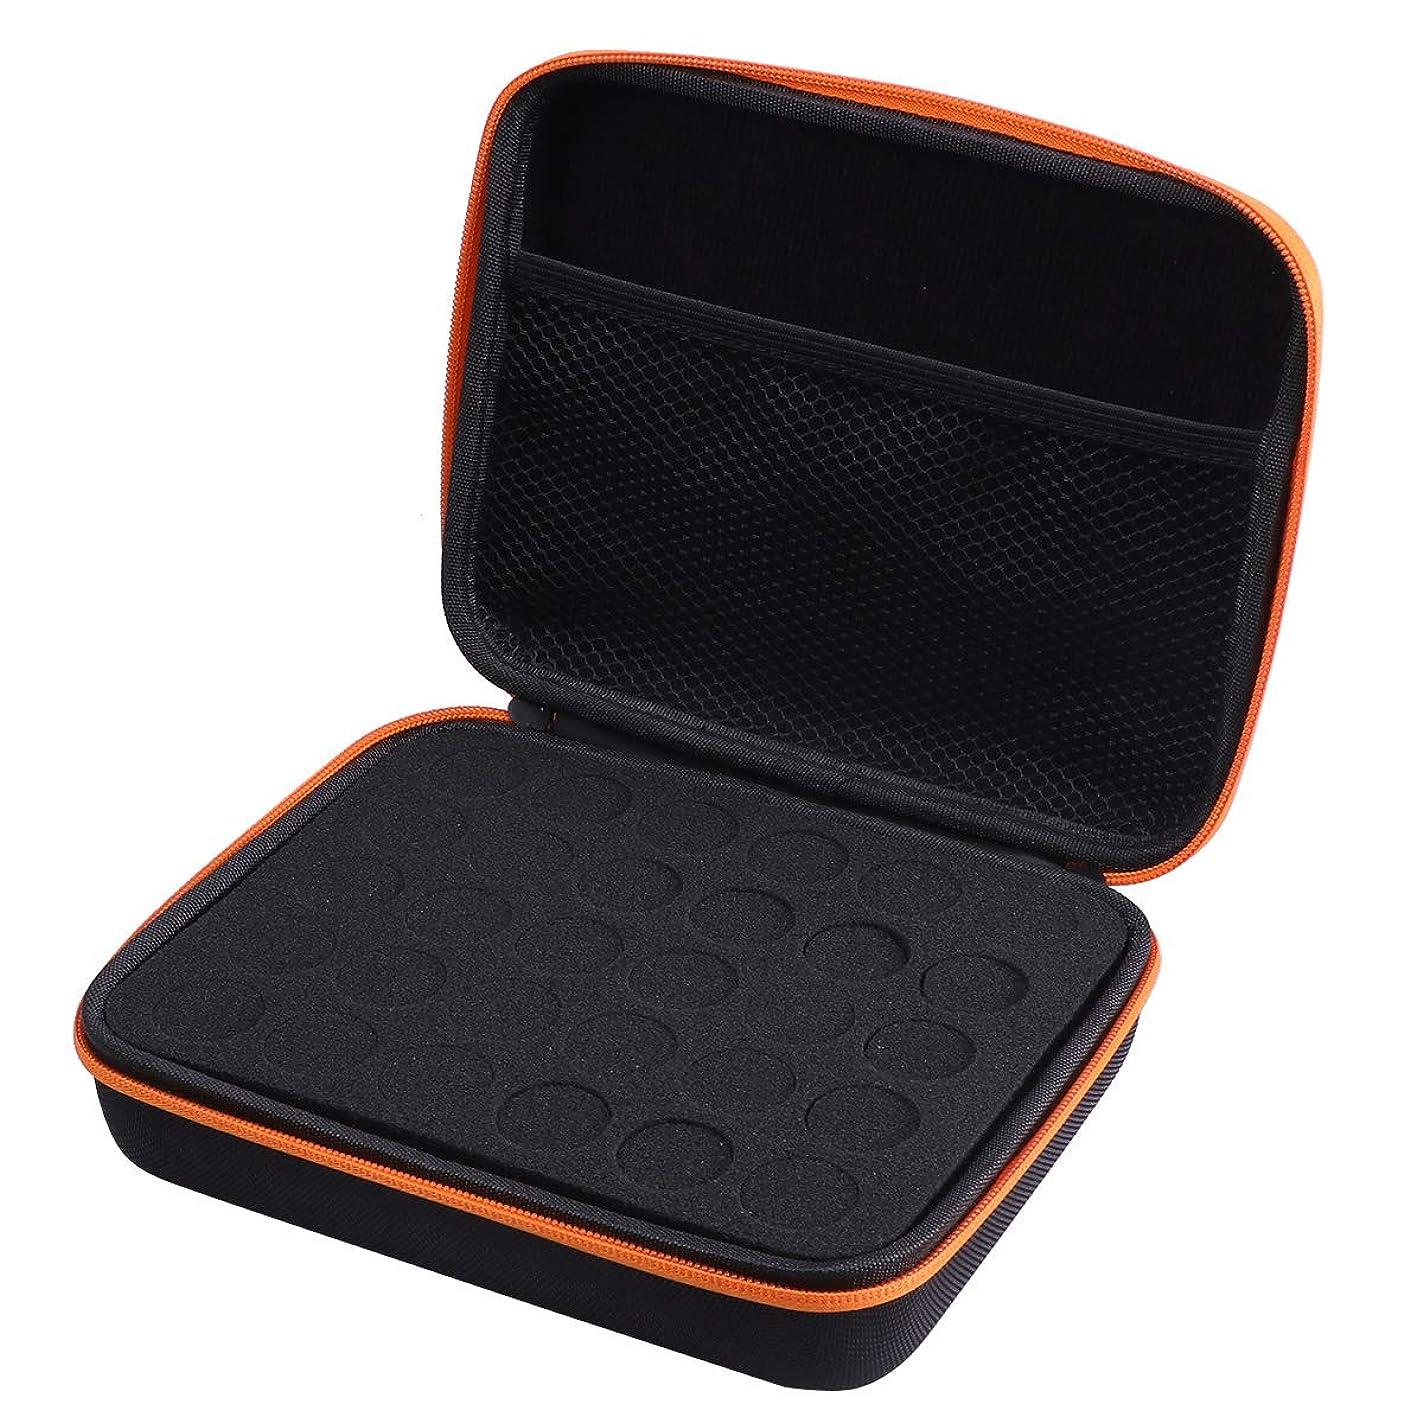 おばさんリットル書誌Frcolor エッセンシャルオイル ケース 携帯用 アロマポーチ アロマケース メイクポーチ 精油ケース 30本用(オレンジ)